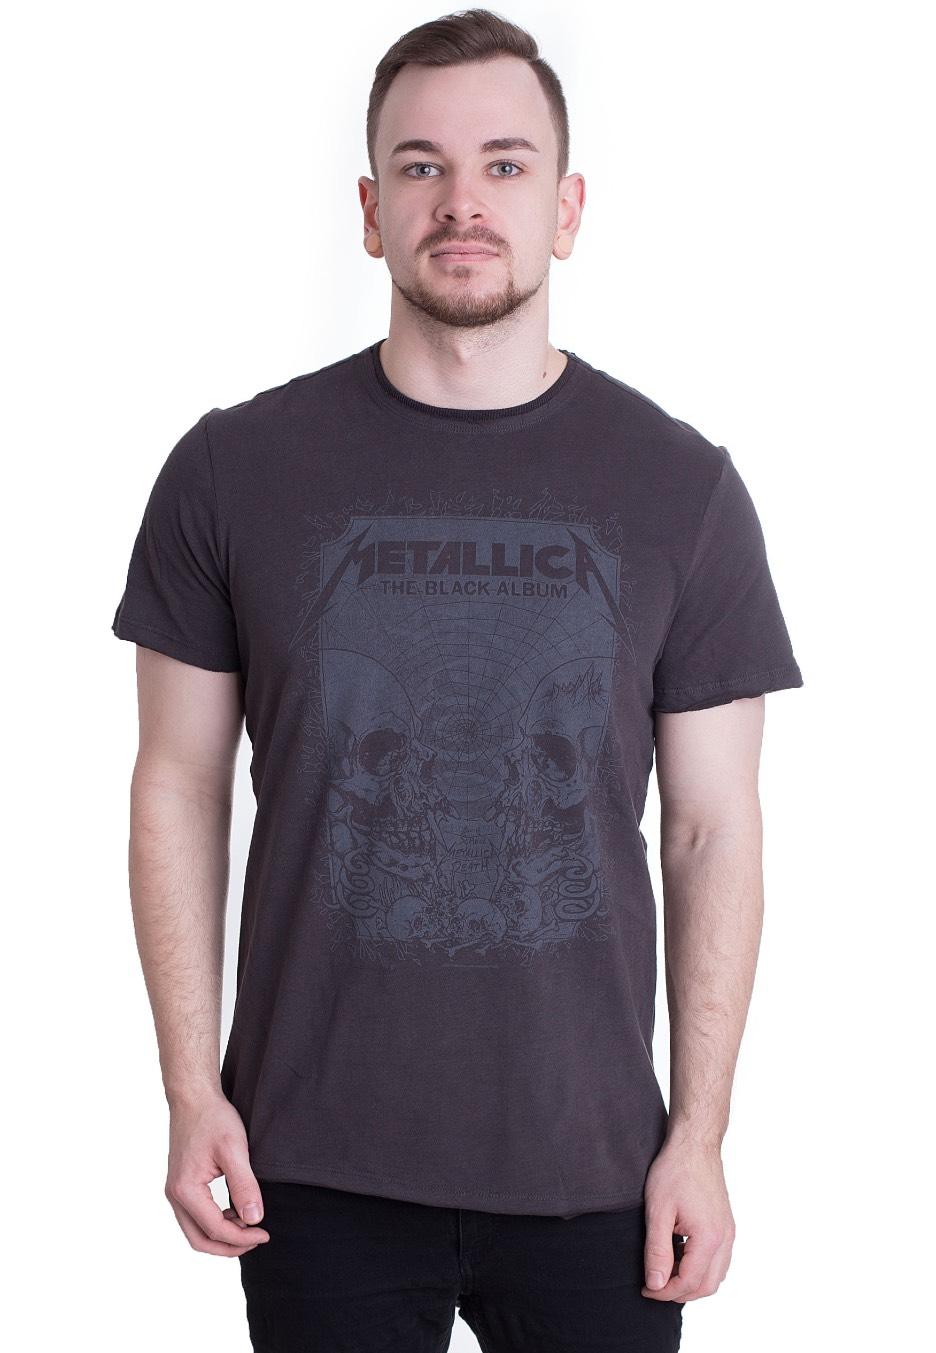 metallica merchandise sverige